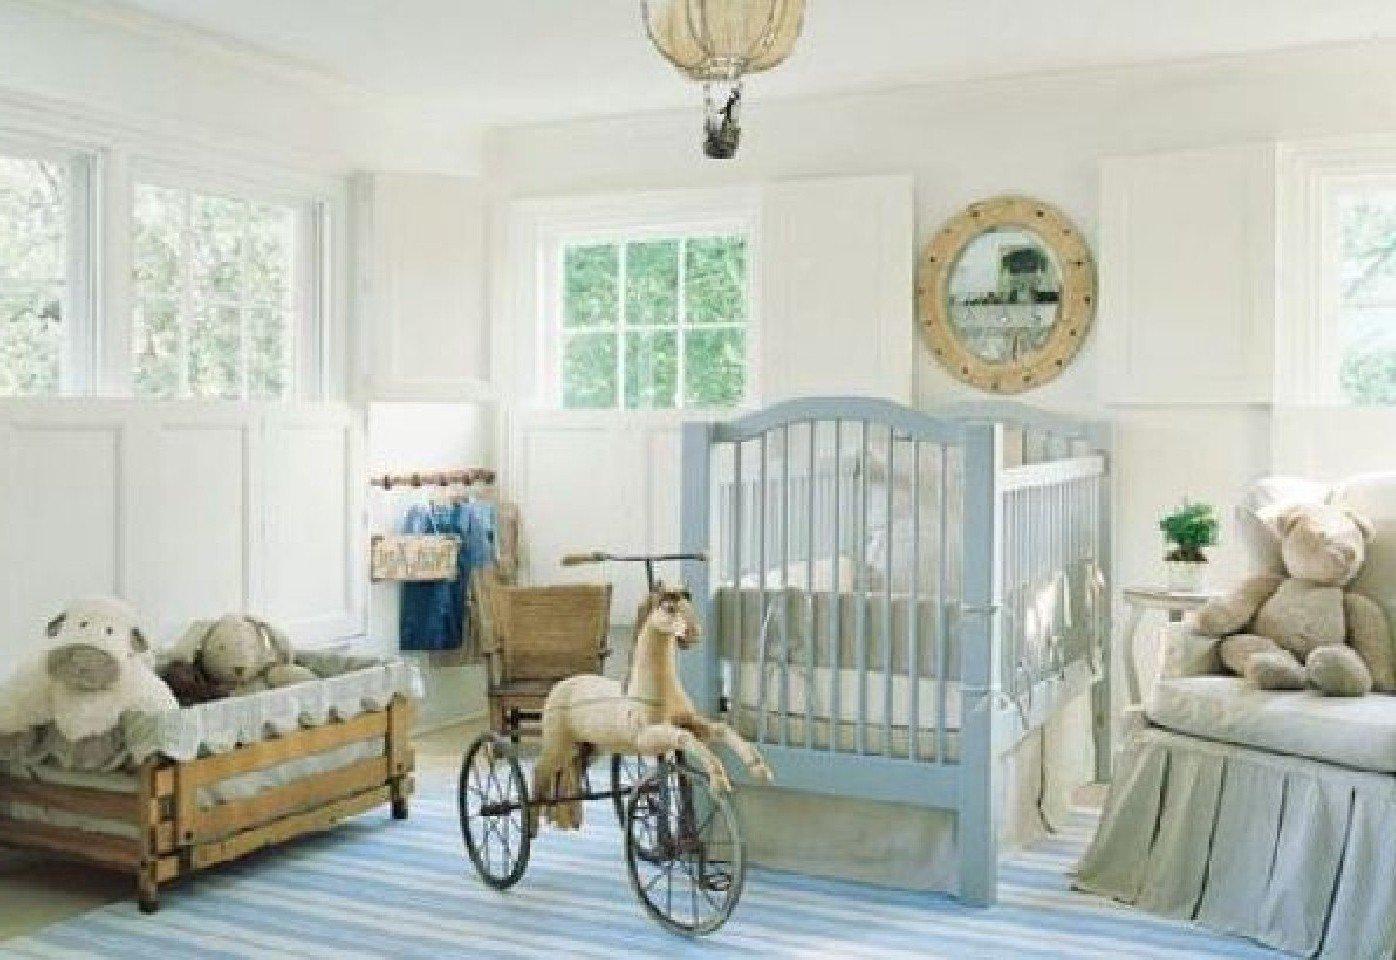 Baby- Zimmer in rustikalem Still